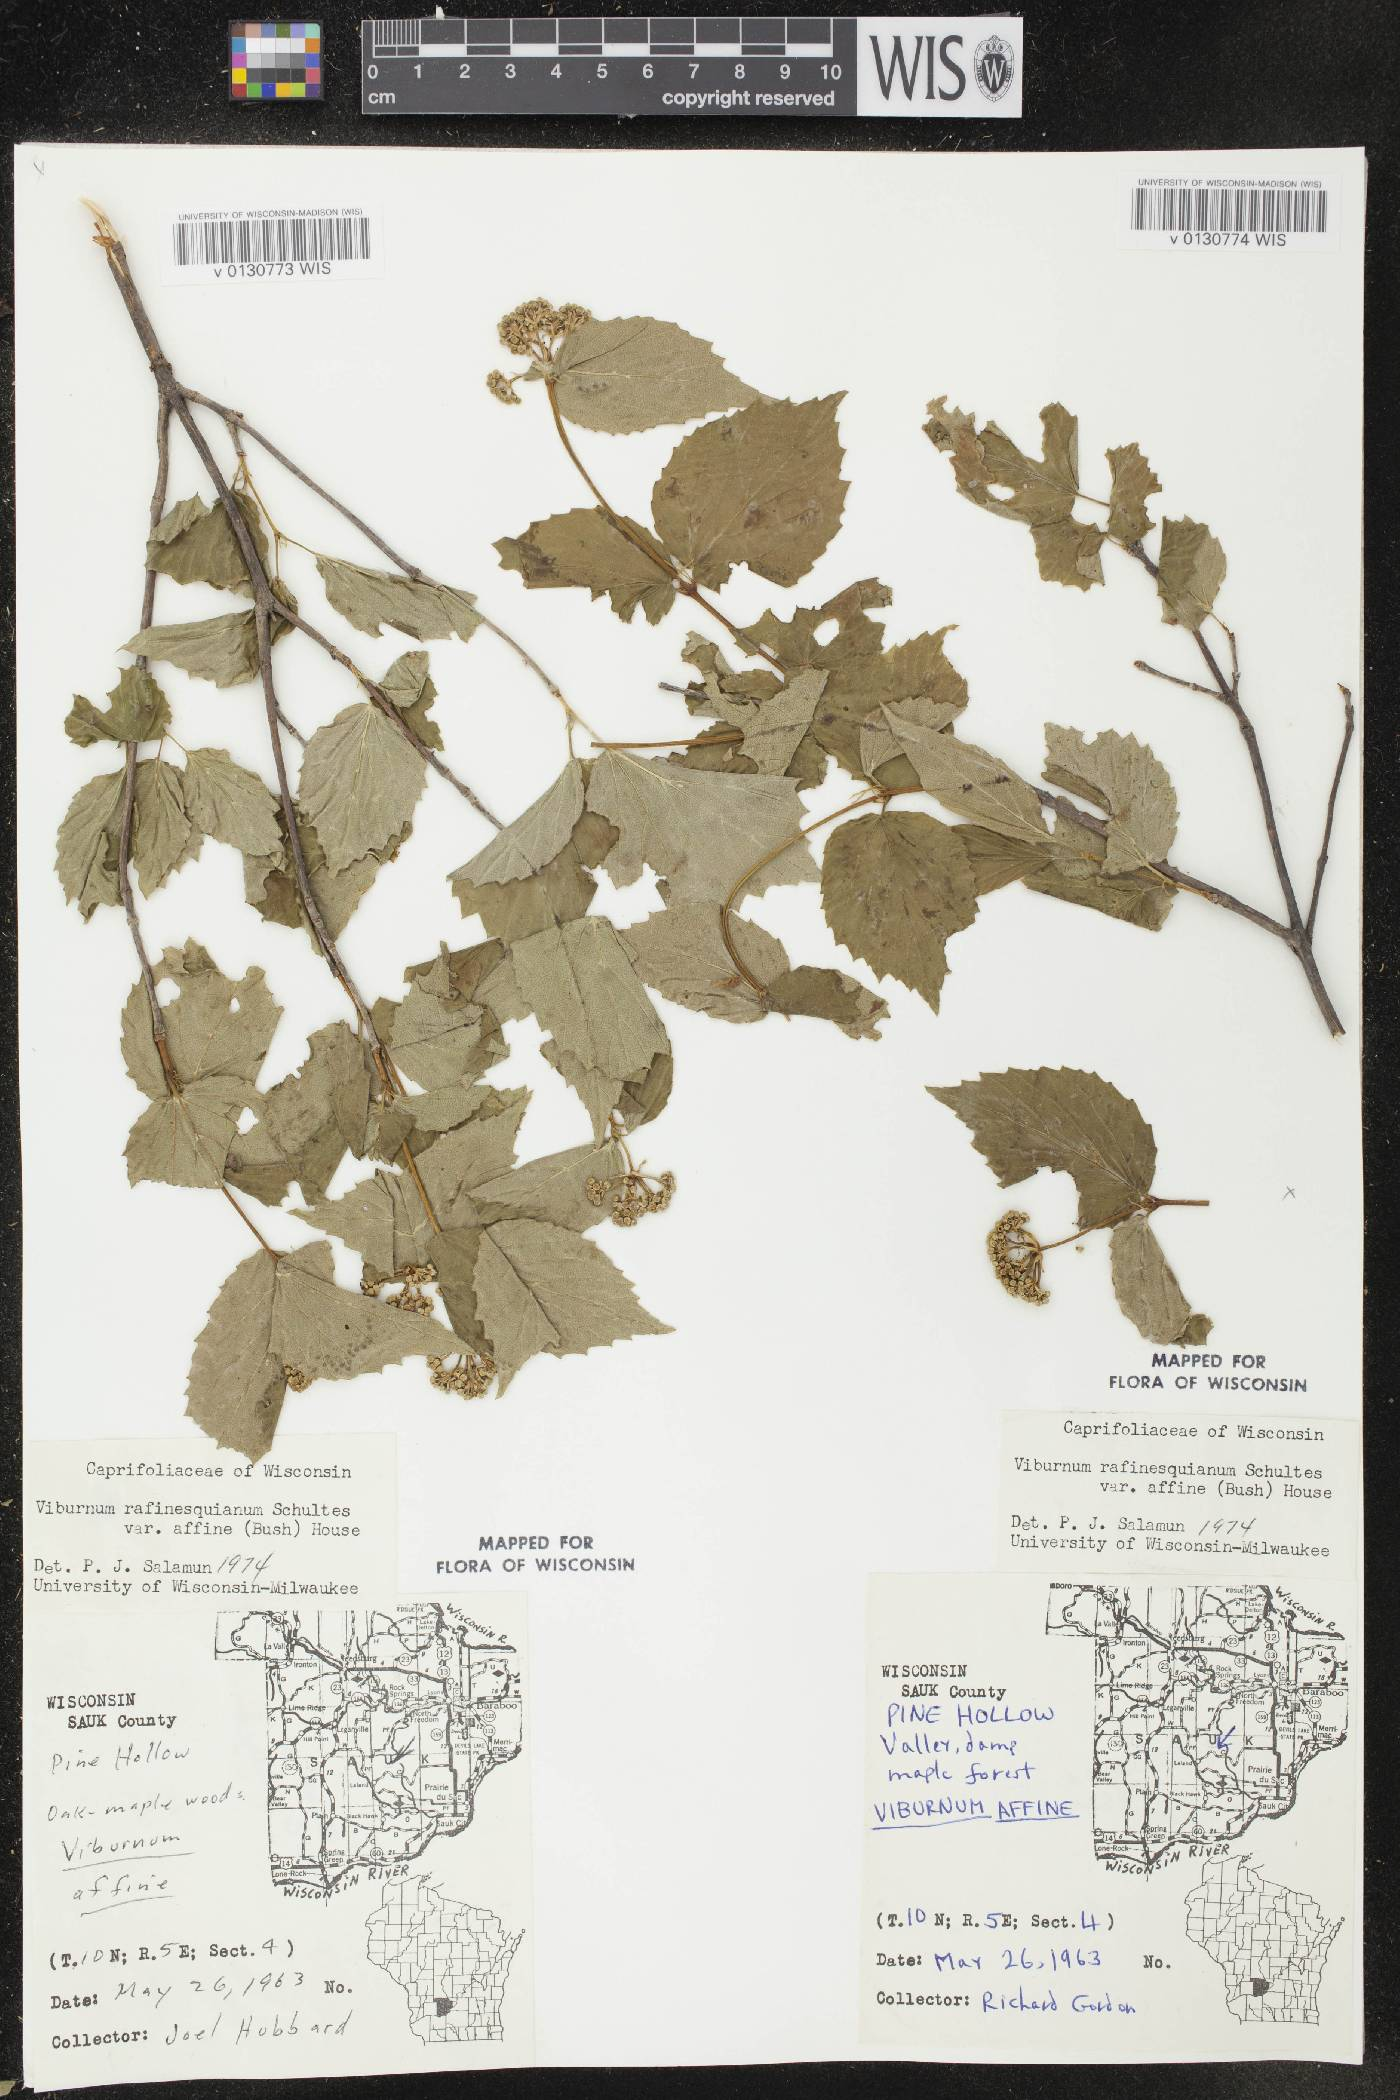 Viburnum rafinesquianum var. affine image